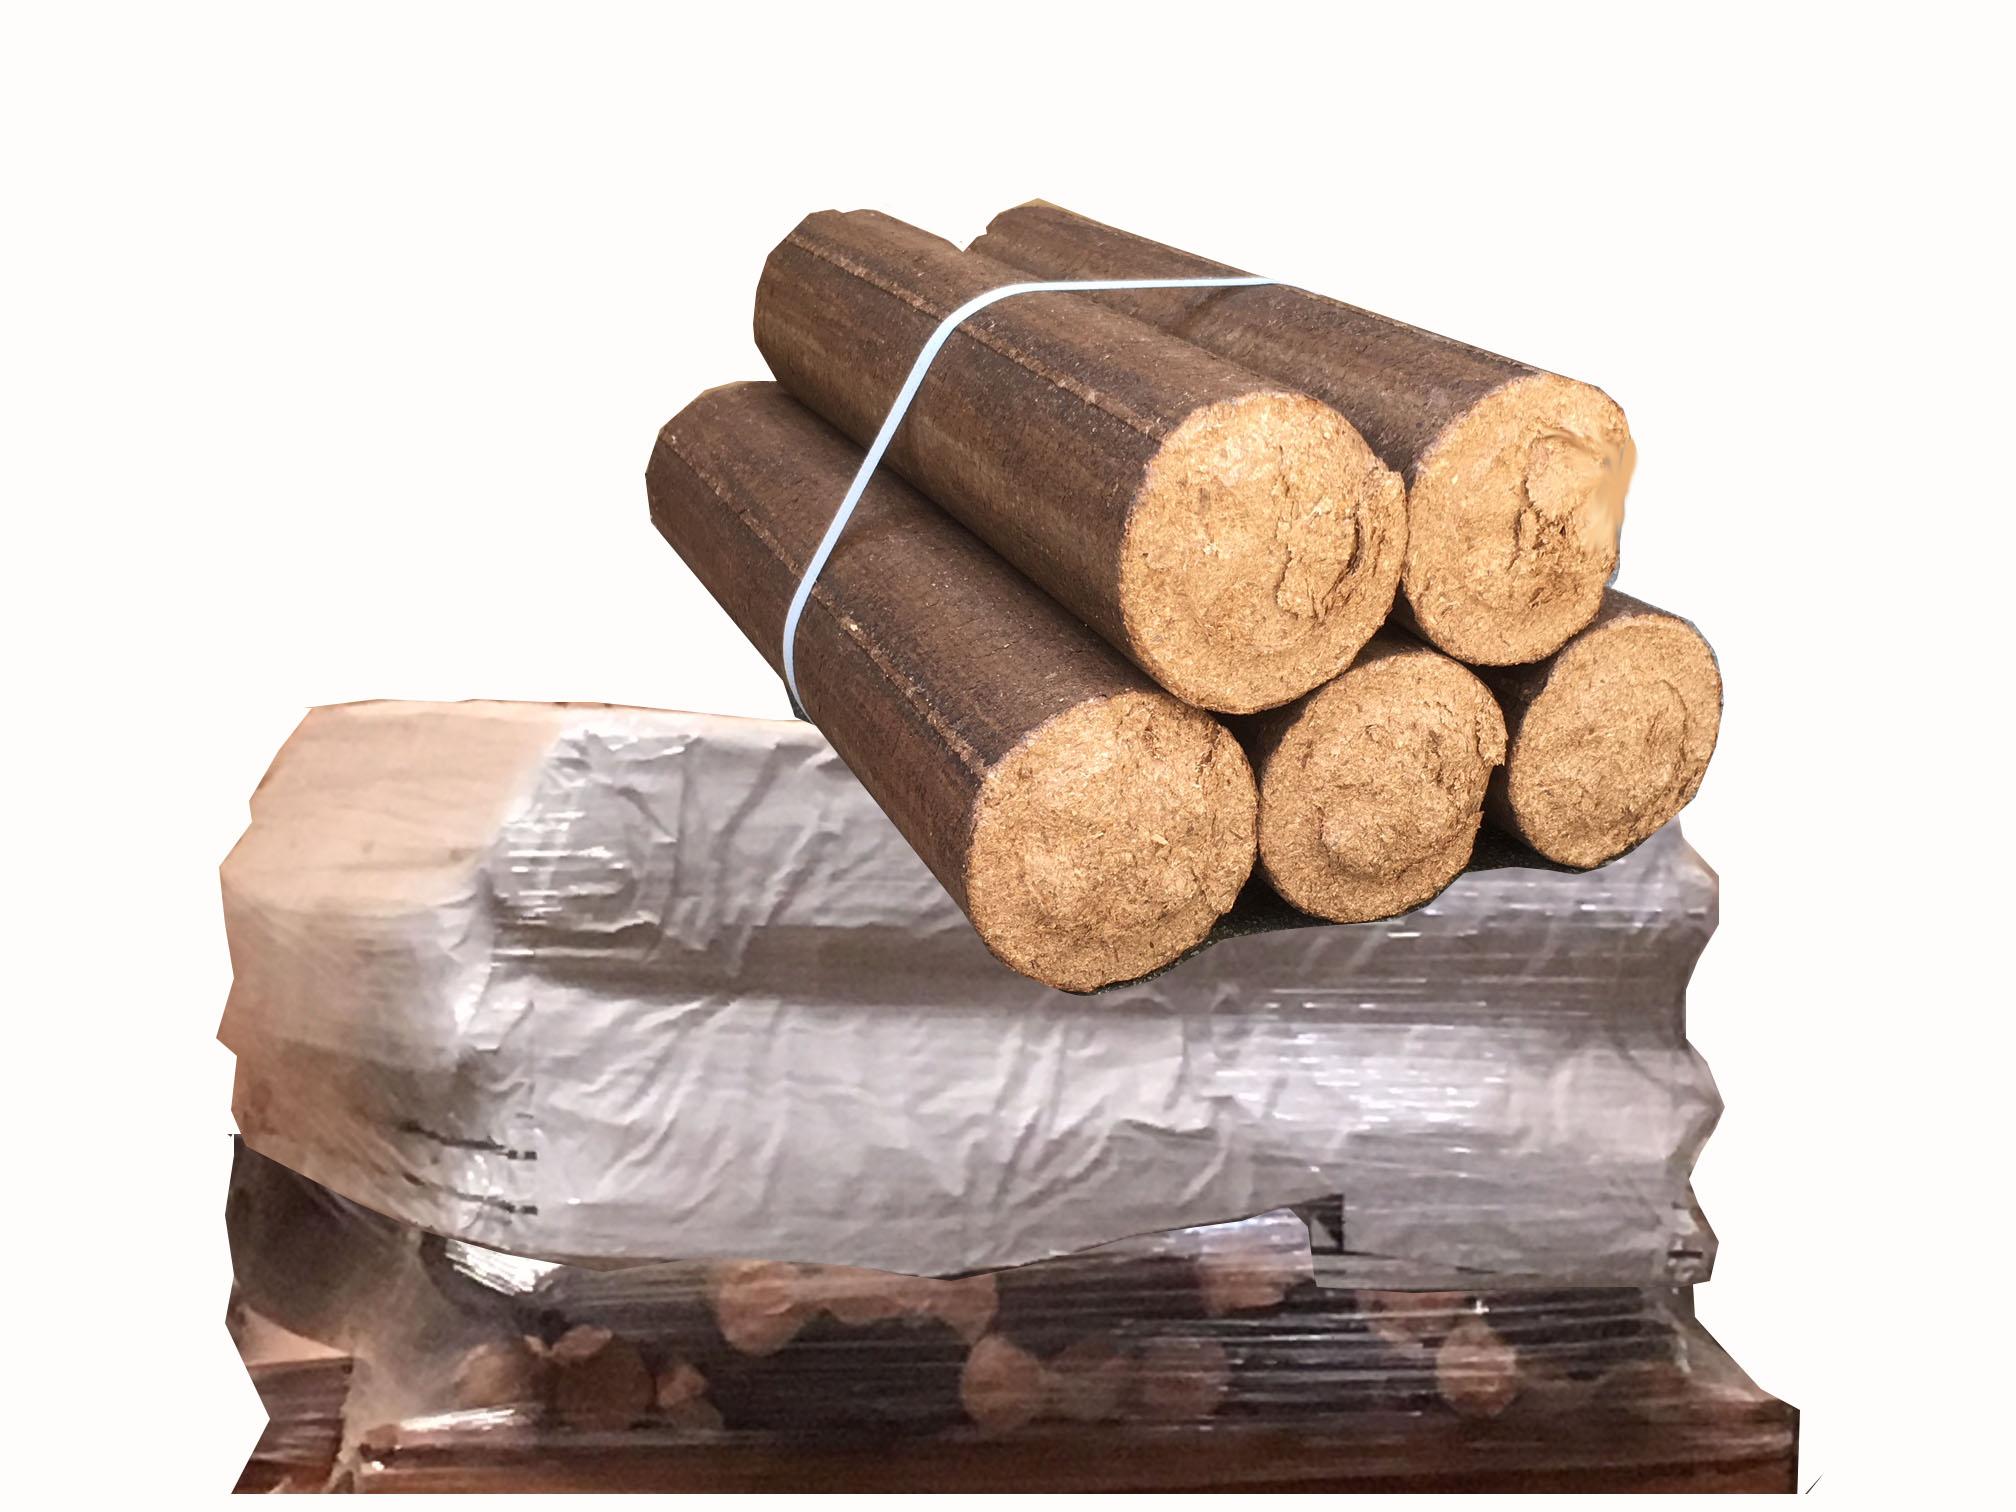 1/2 Pallet All-Wood Firelogs